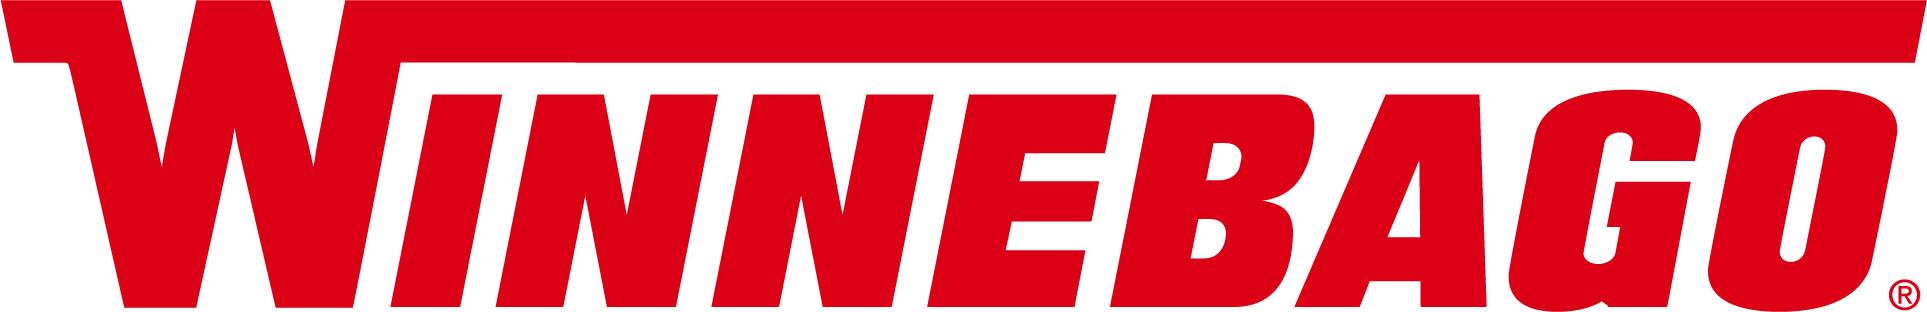 Winnebago logo RED.jpg